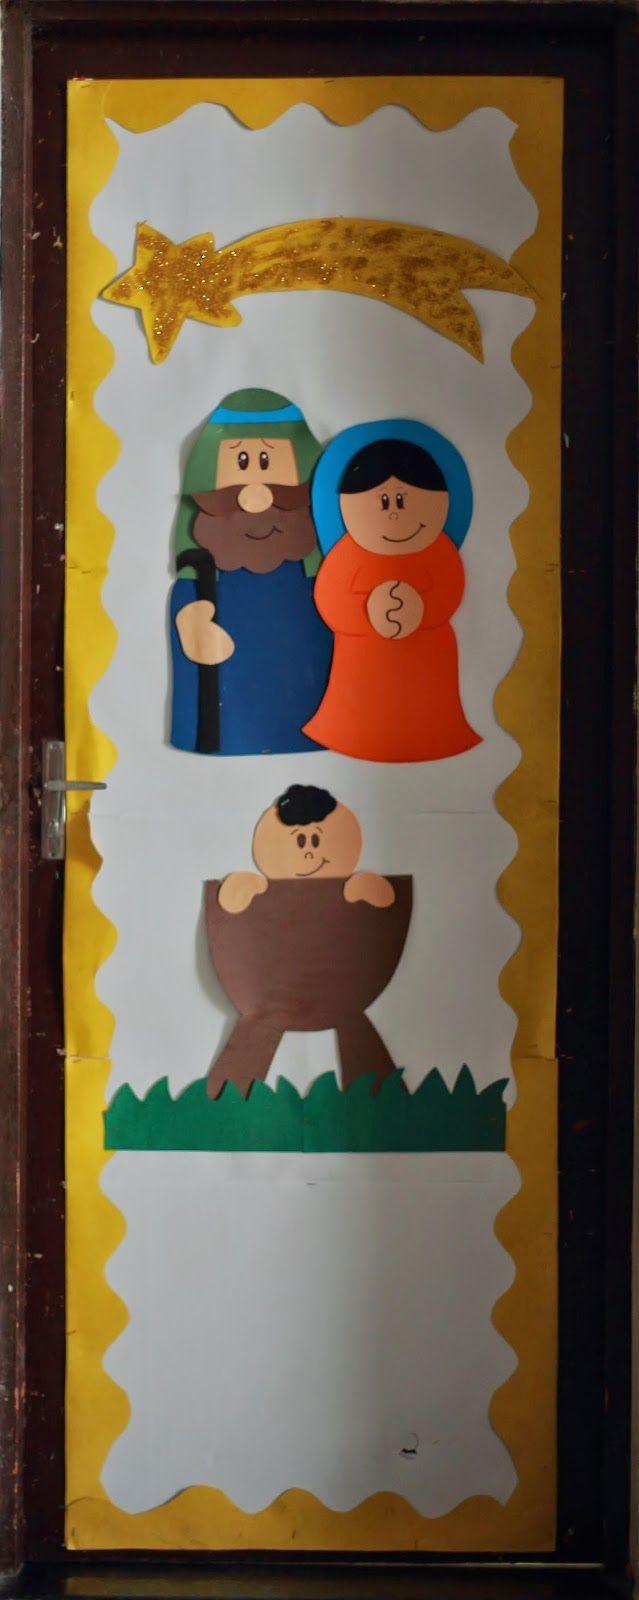 portas decoradas de natal - Pesquisa Google                                                                                                                                                                                 Mais